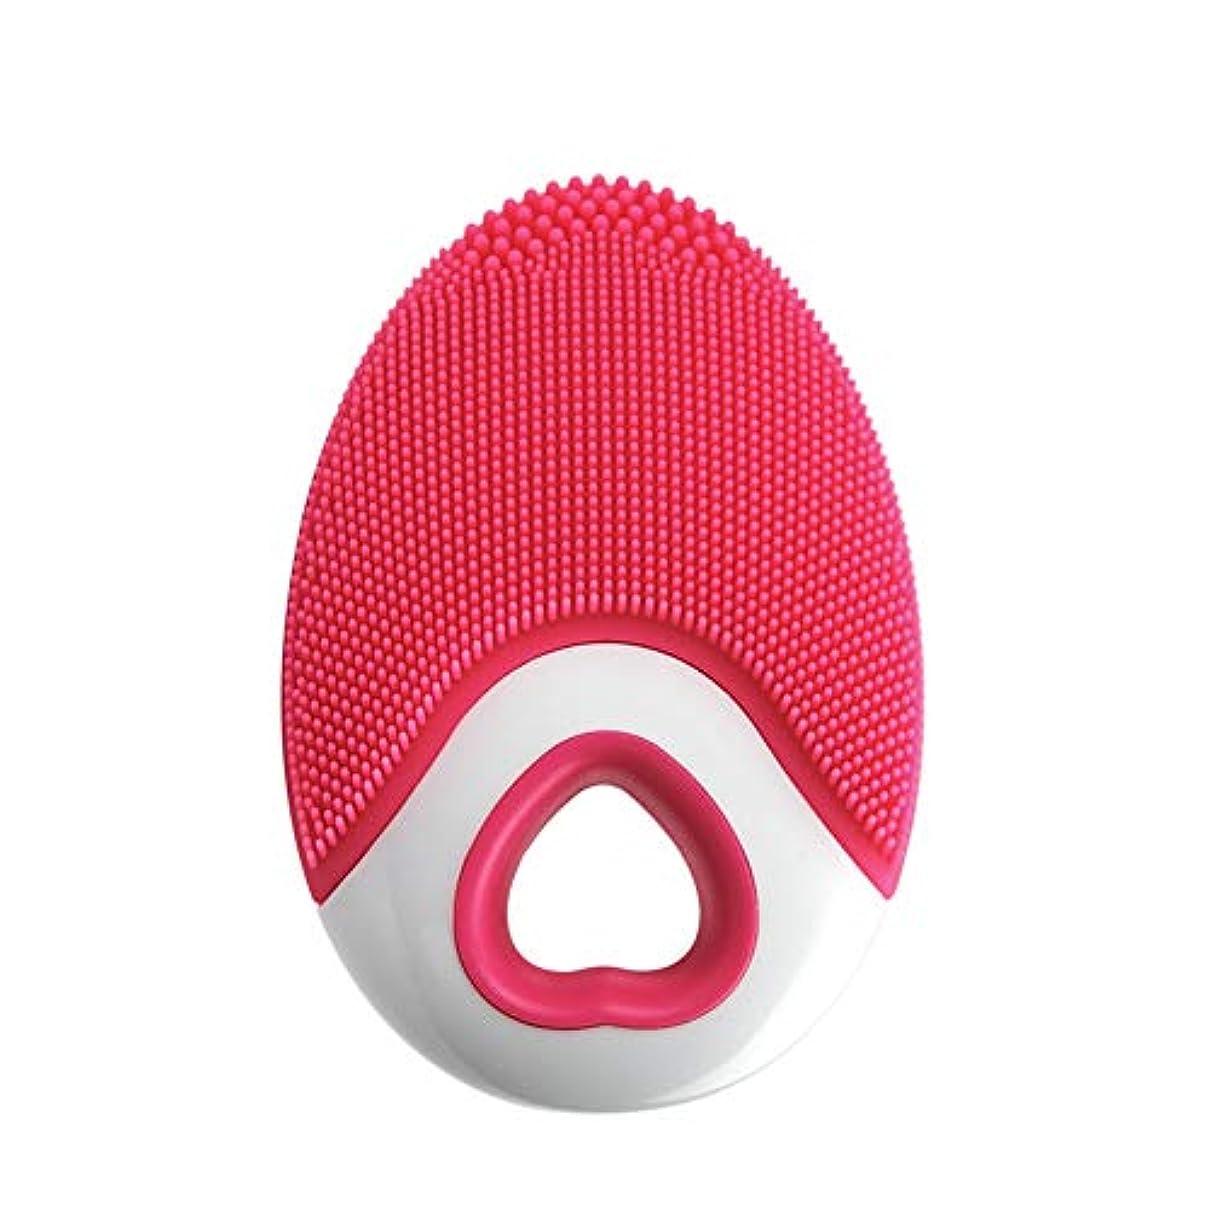 滑るドレスマットAylincool   1ピースシリコンフェイスクレンザーブラシ超音波ディープクリーニング防水ワイヤレス充電